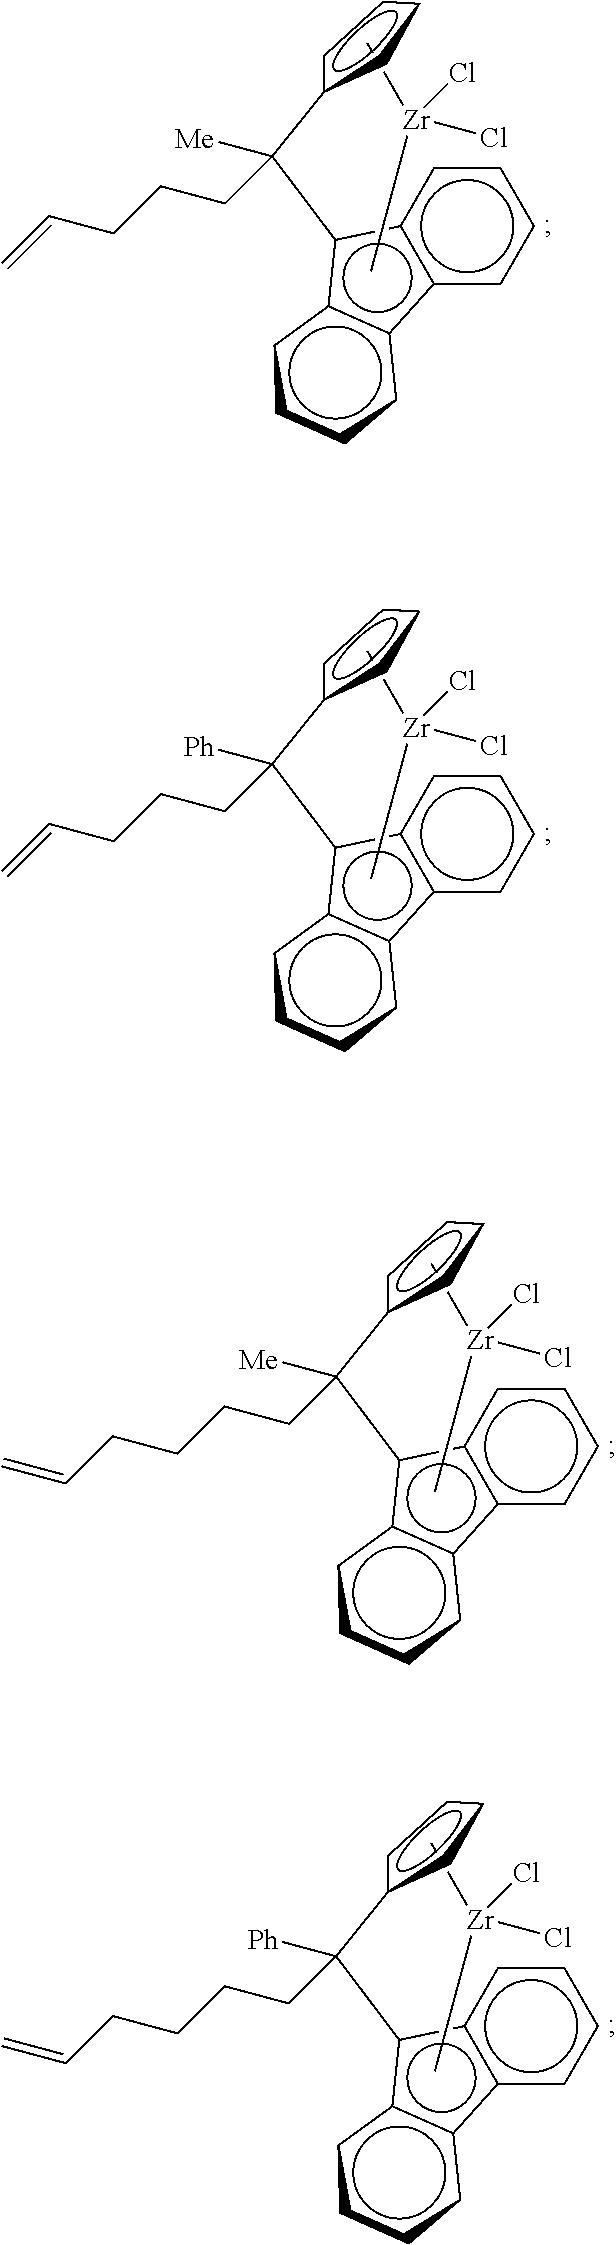 Figure US08143183-20120327-C00011